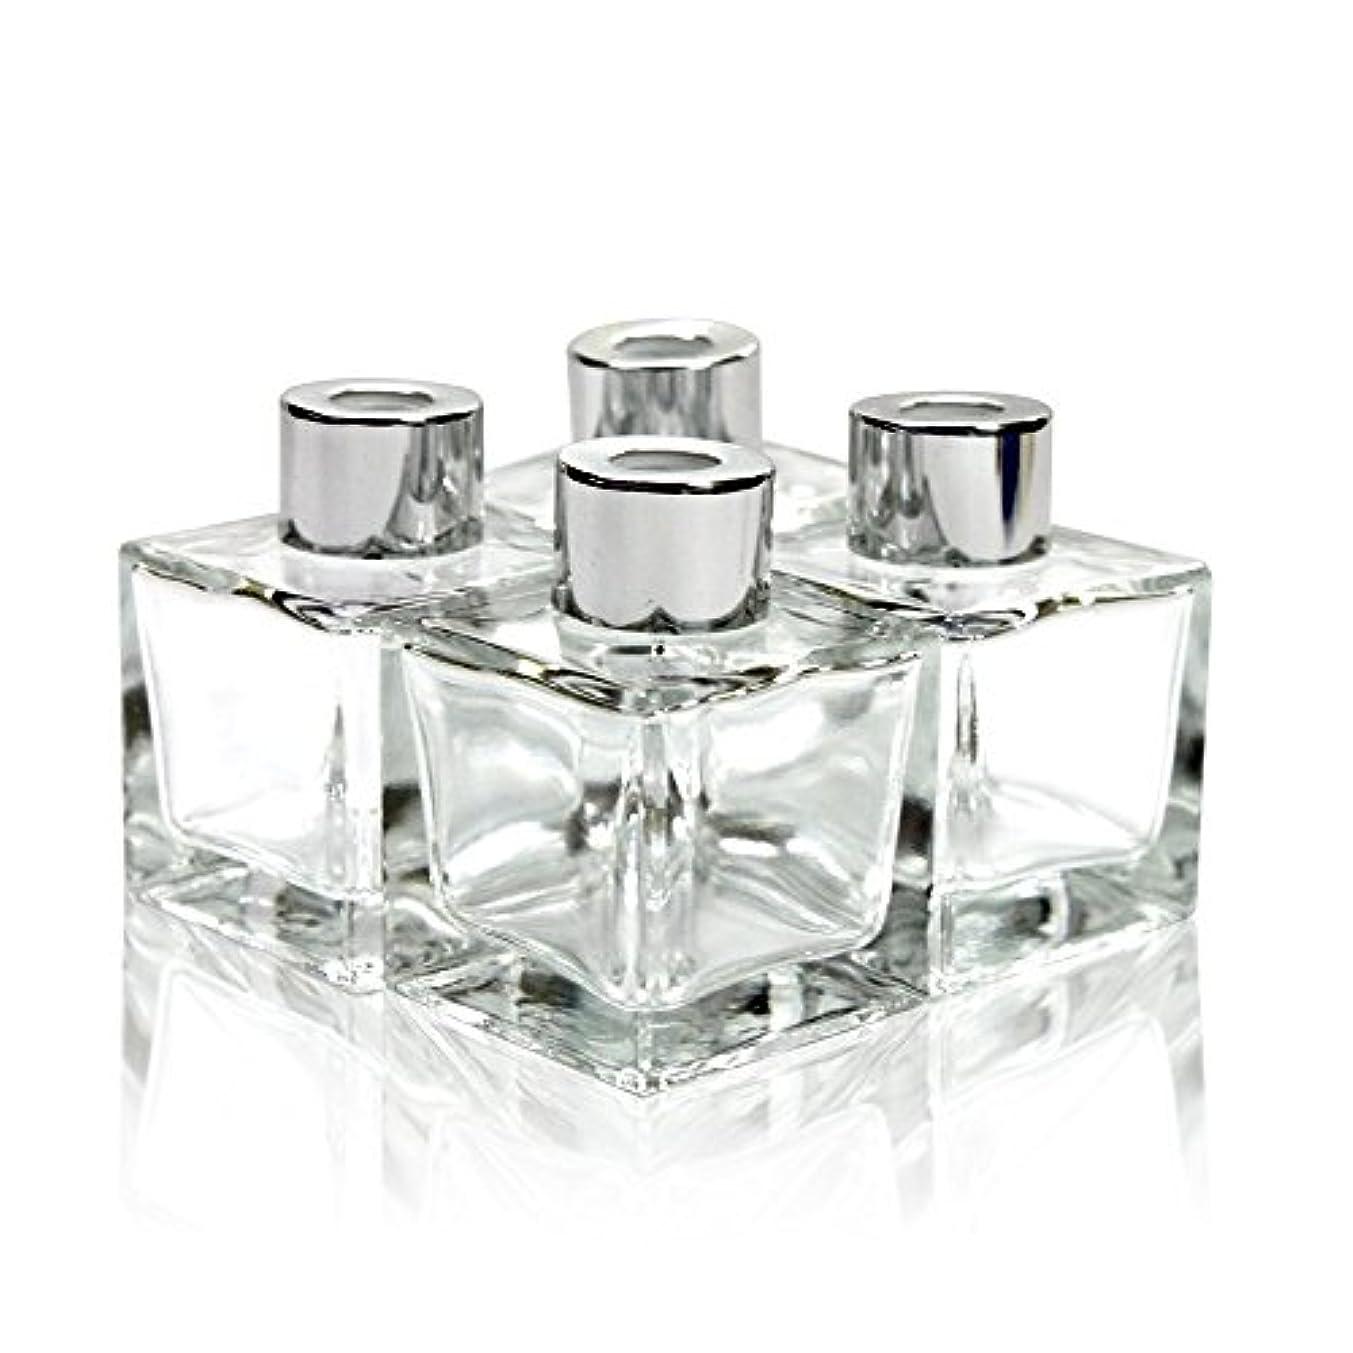 コアジョージスティーブンソンベンチャーFeel Fragrance リードディフューザー用 リードディフューザーボトル 容器 透明 蓋付き 4本セット50ML方形 (GB-50)